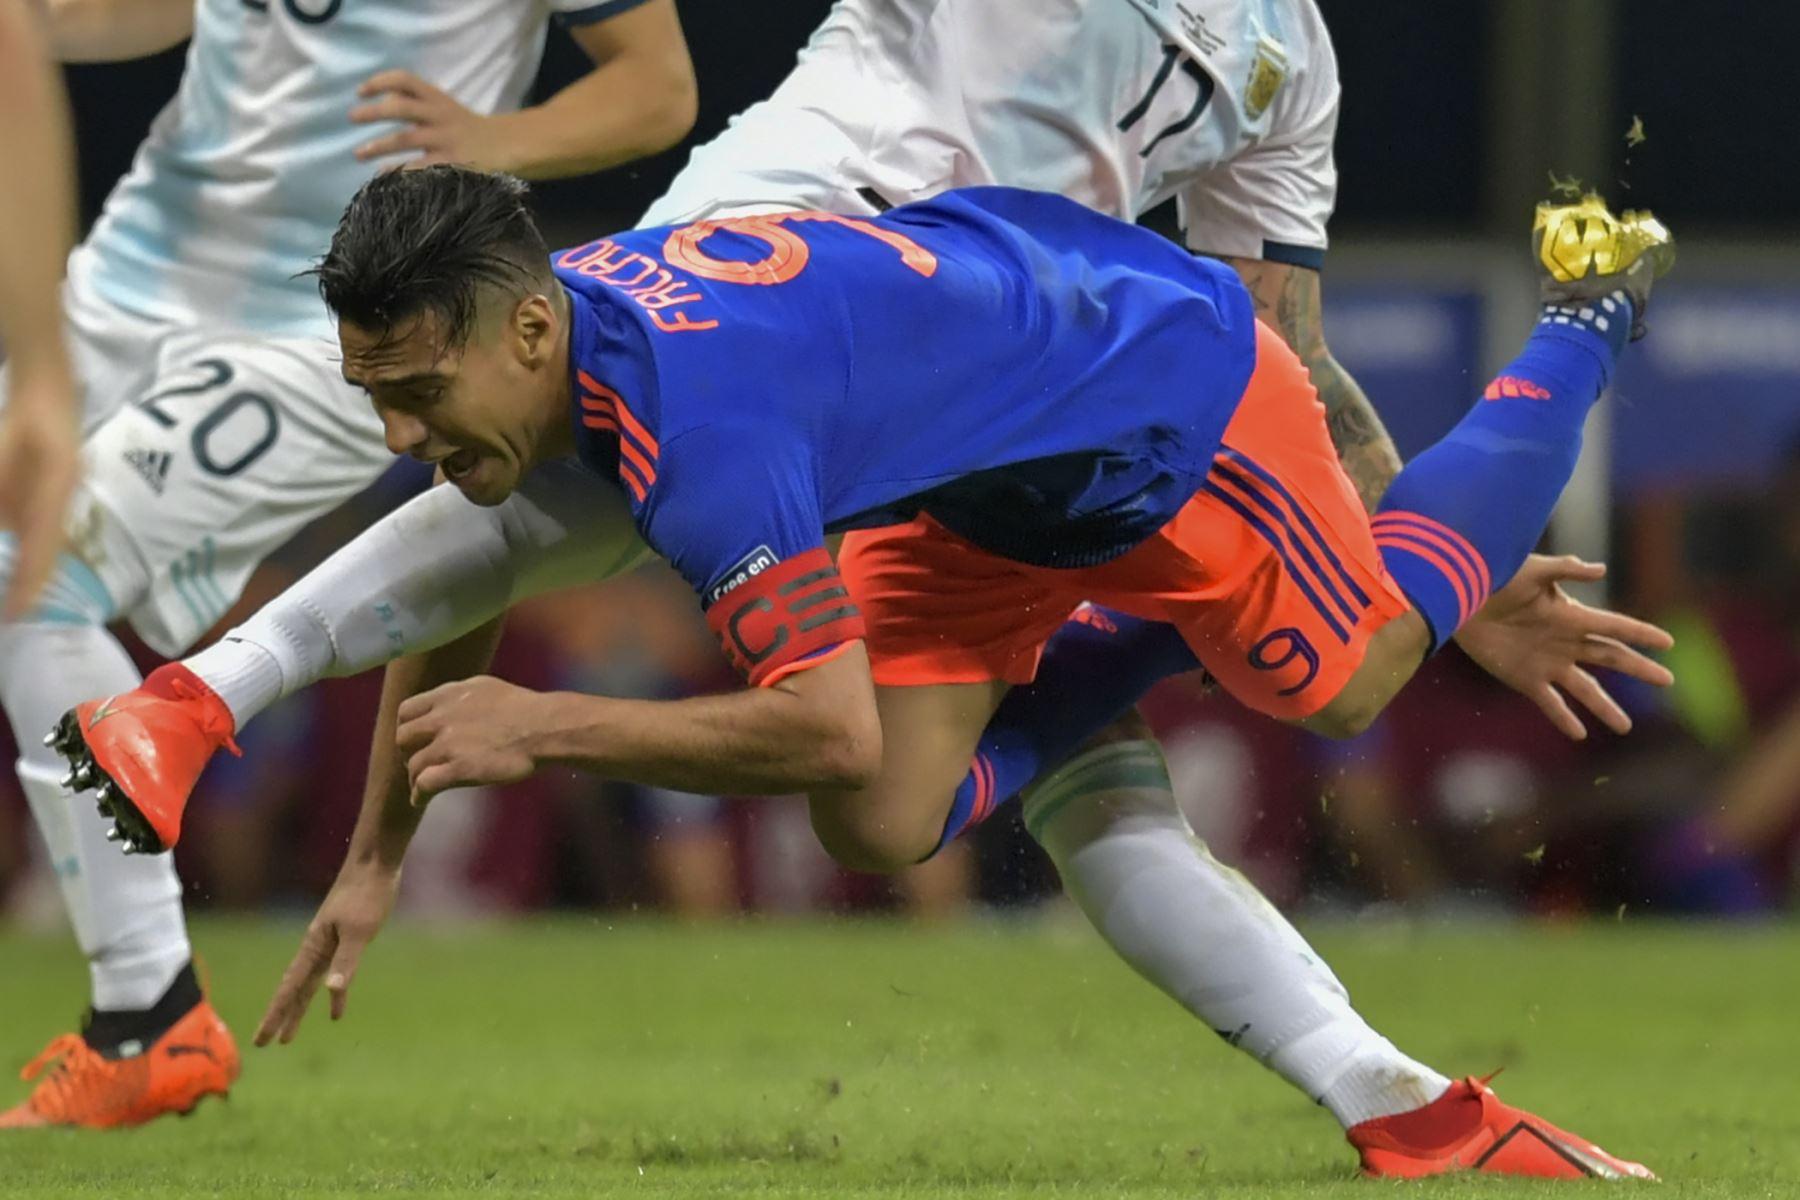 Radamel Falcao de Colombia cae durante el partido del torneo de fútbol de Copa América contra Argentina en el Fonte Nova Arena en Salvador, Brasil. AFP